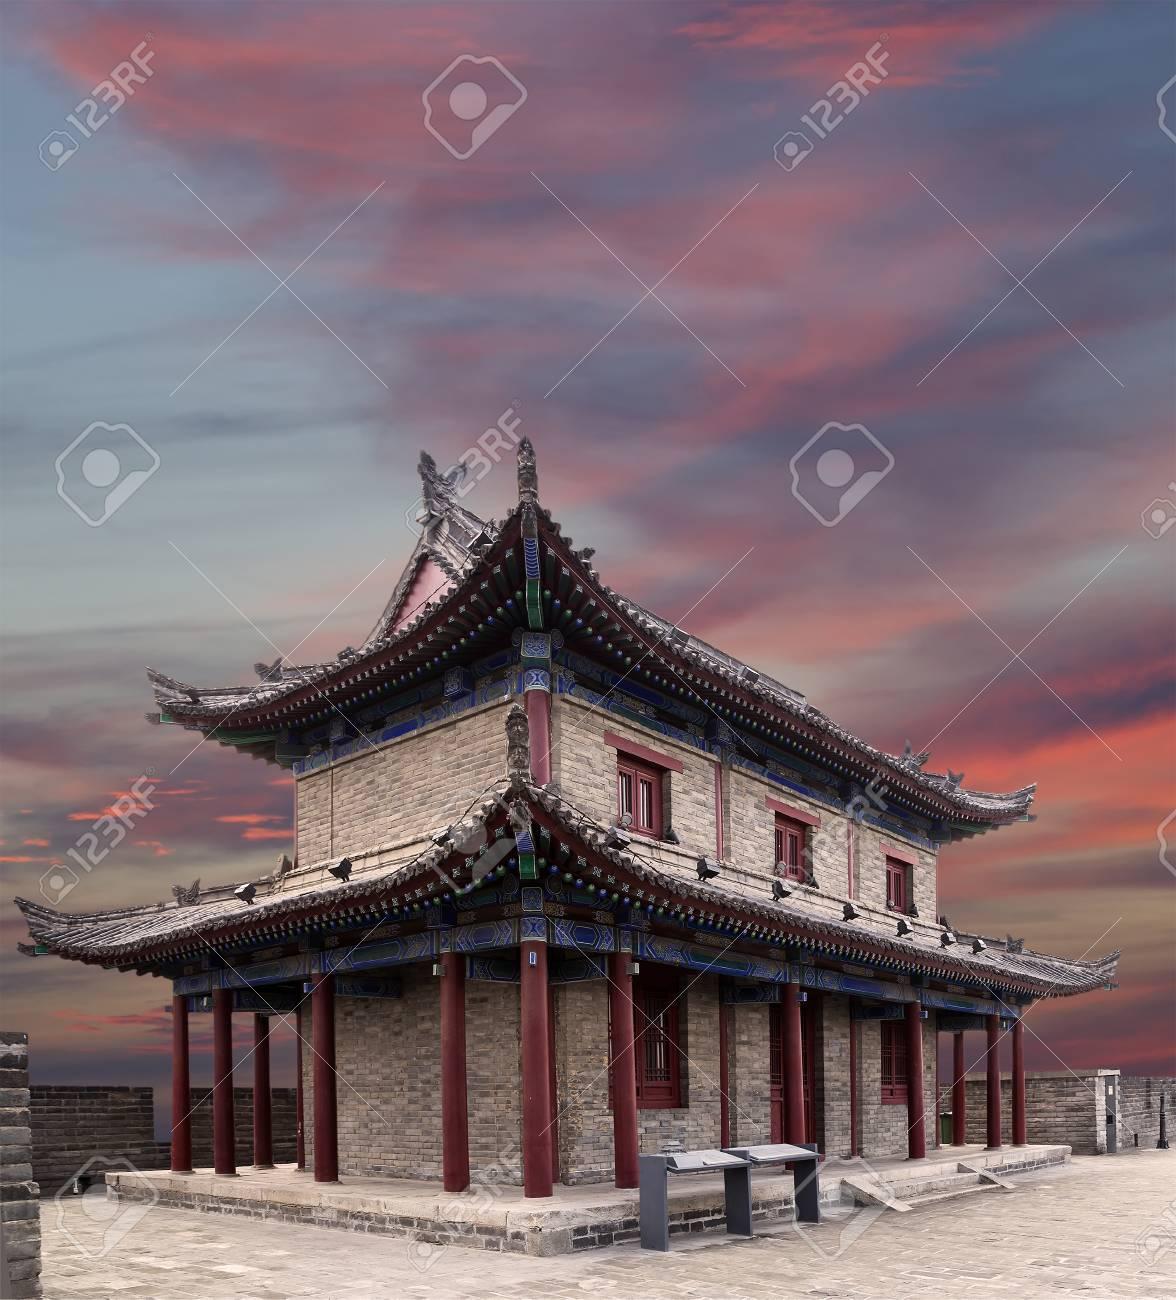 Fortifications of Xian (Sian, Xi'an) an ancient capital of China--